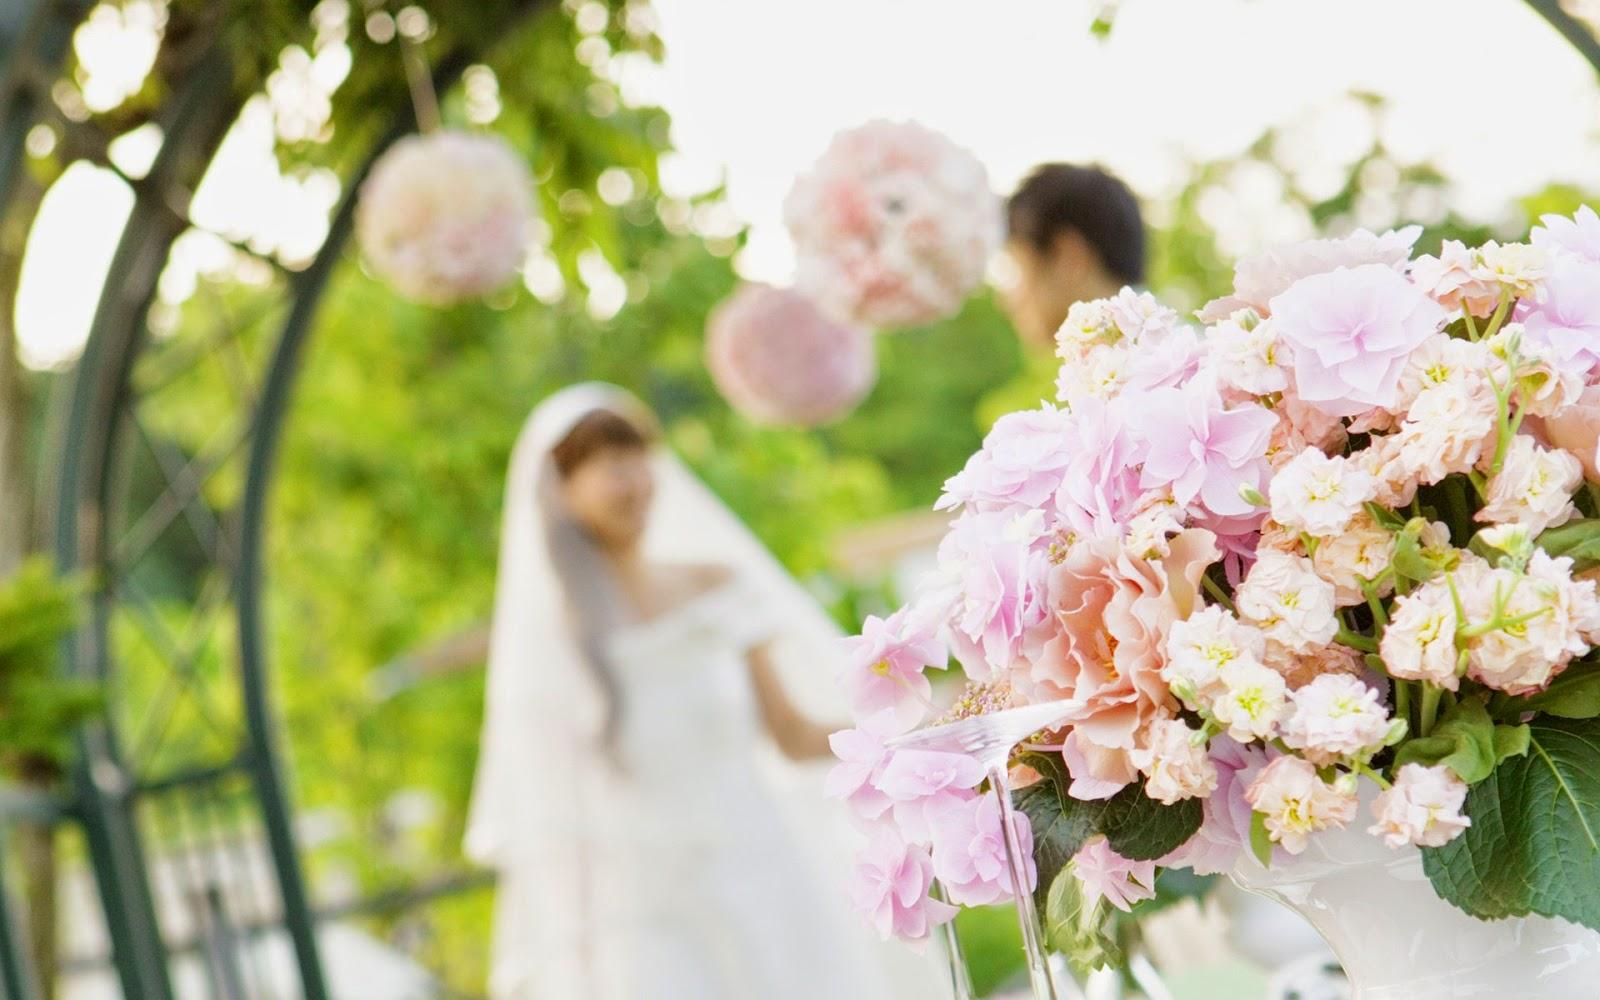 Romantic wedding wallpaper - Wedding pictures